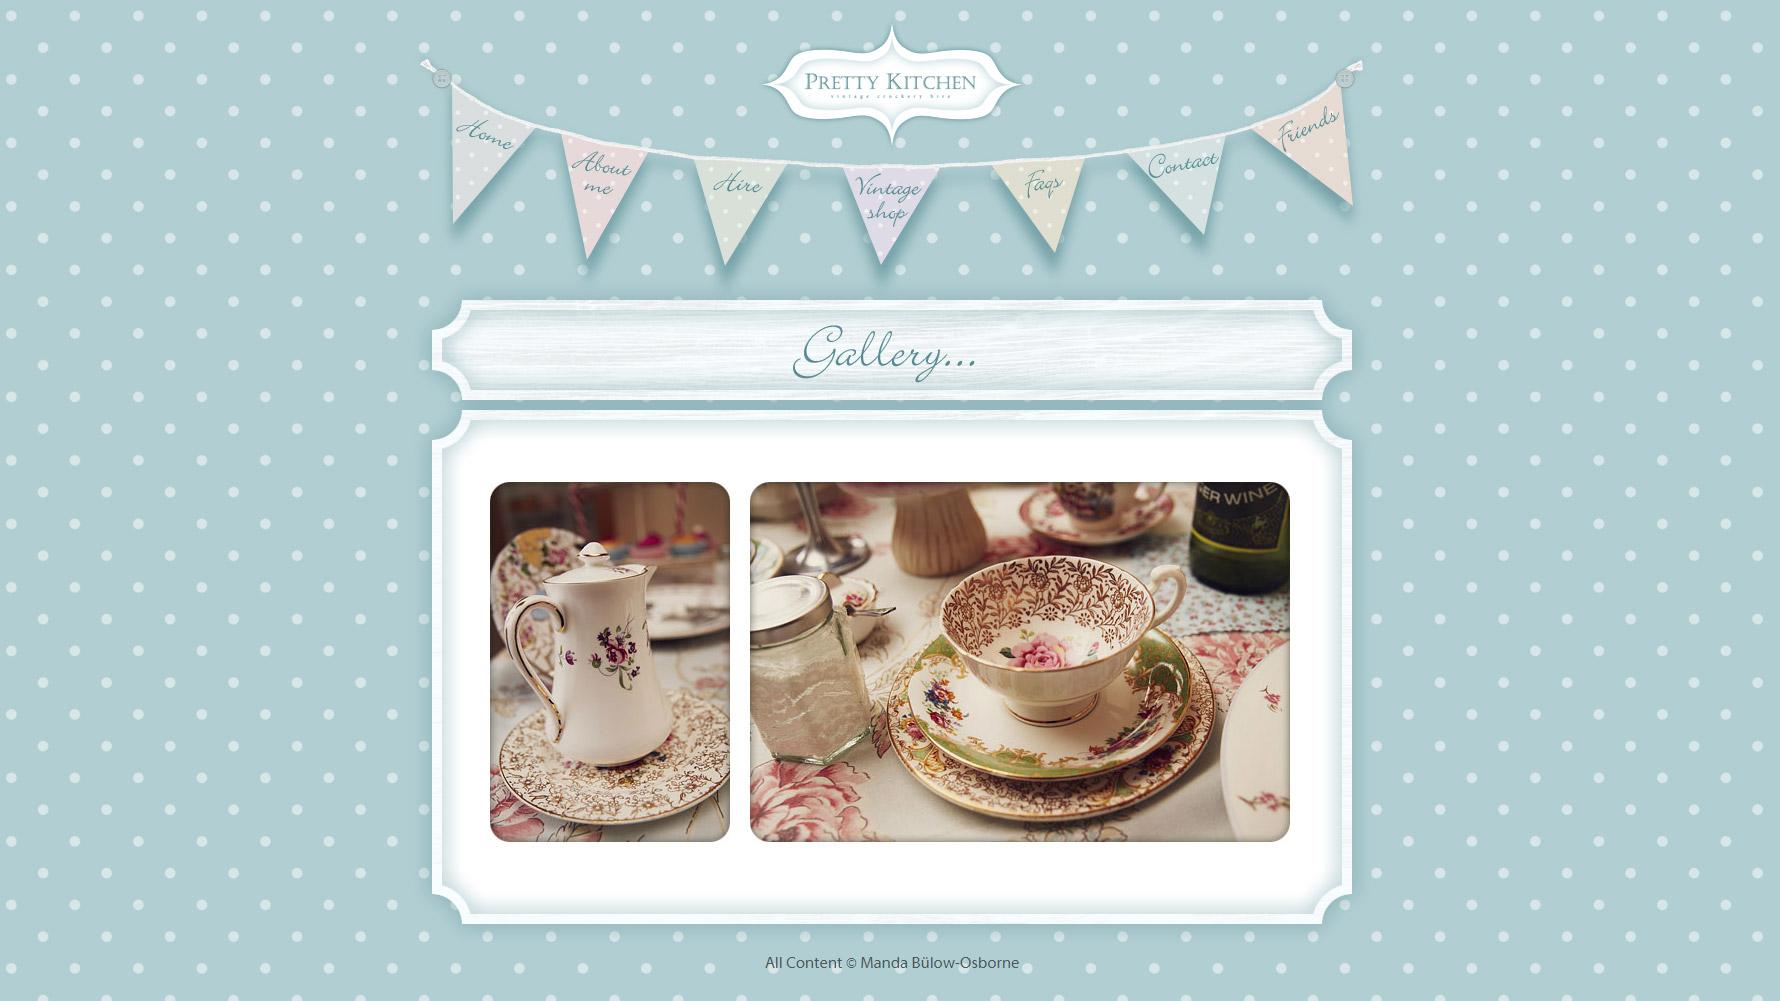 Pretty Kitchen Vintage Crockery Hire - Website Designs Portfolio ...